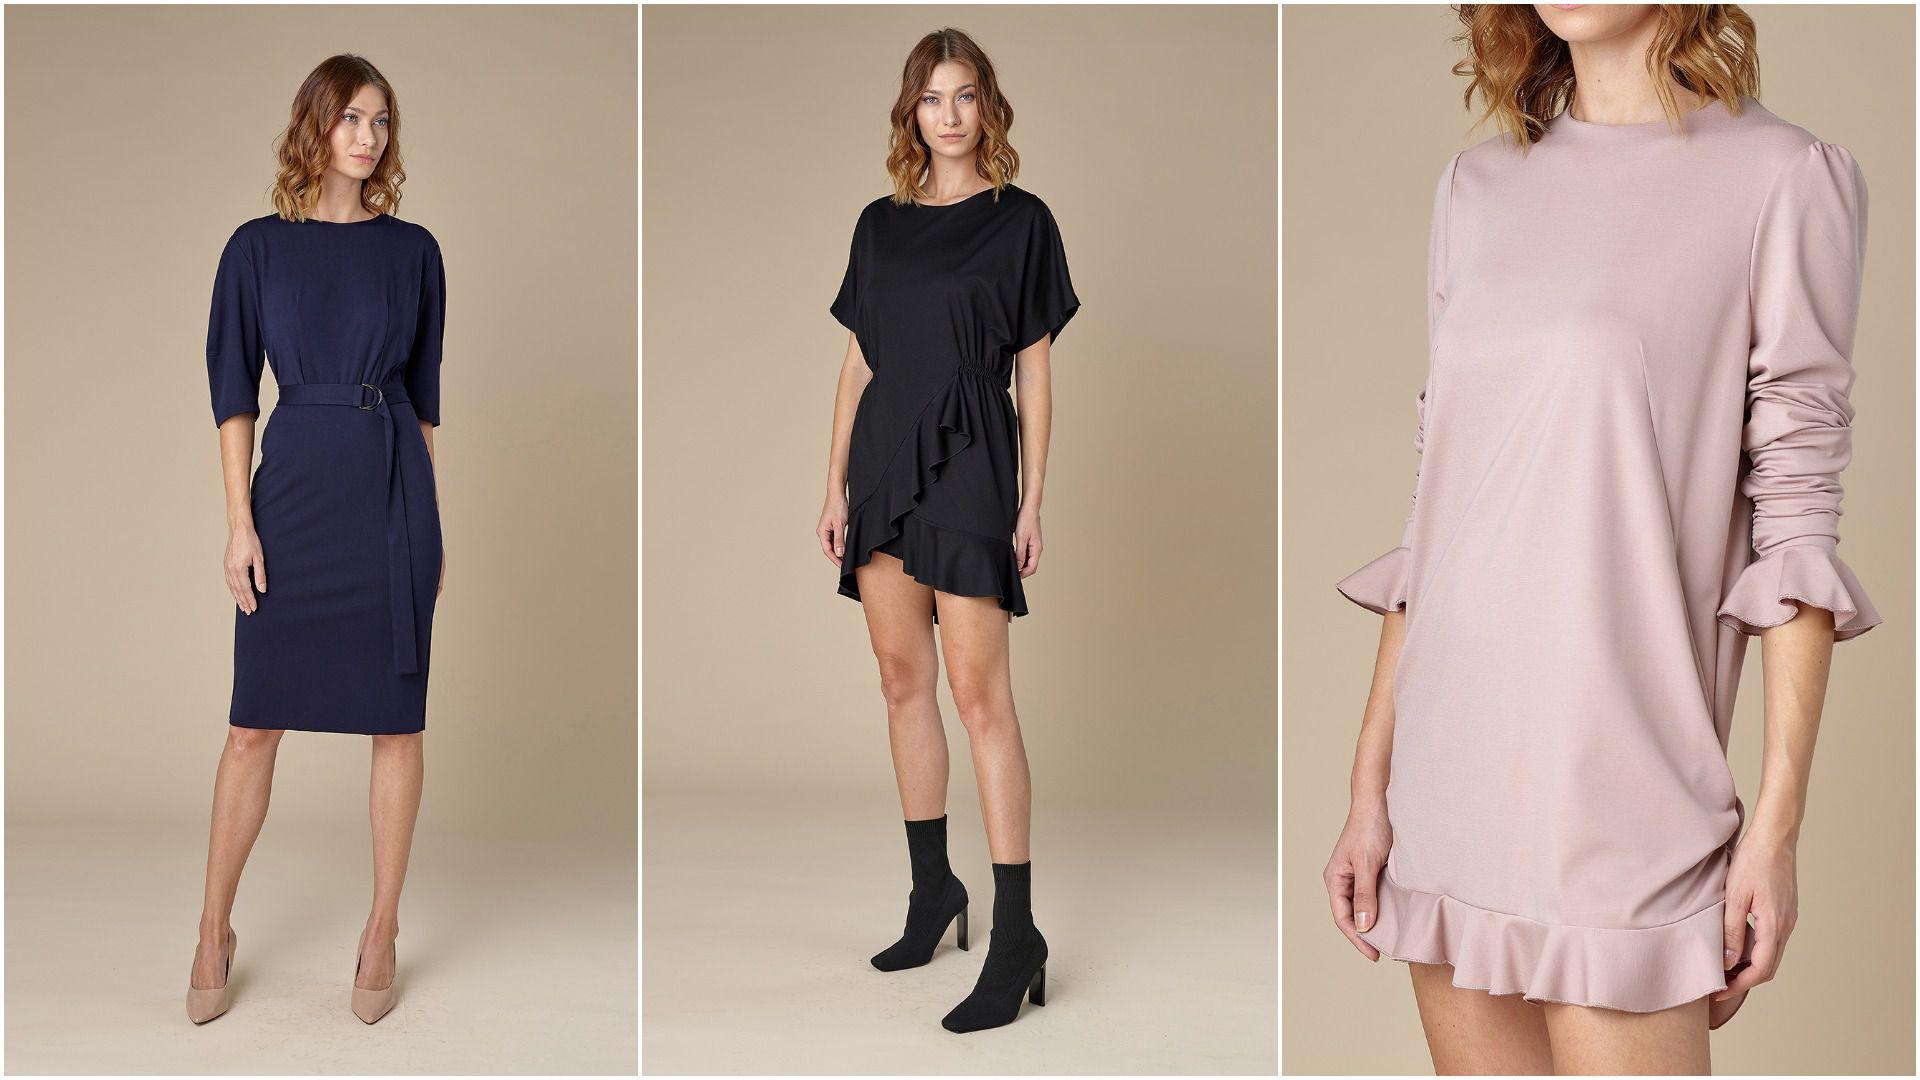 Tražite savršenu poslovnu haljinu? U kolekciji domaćeg dizajnera pronašli smo modele koje možete nositi uz salonke, ali i čizme